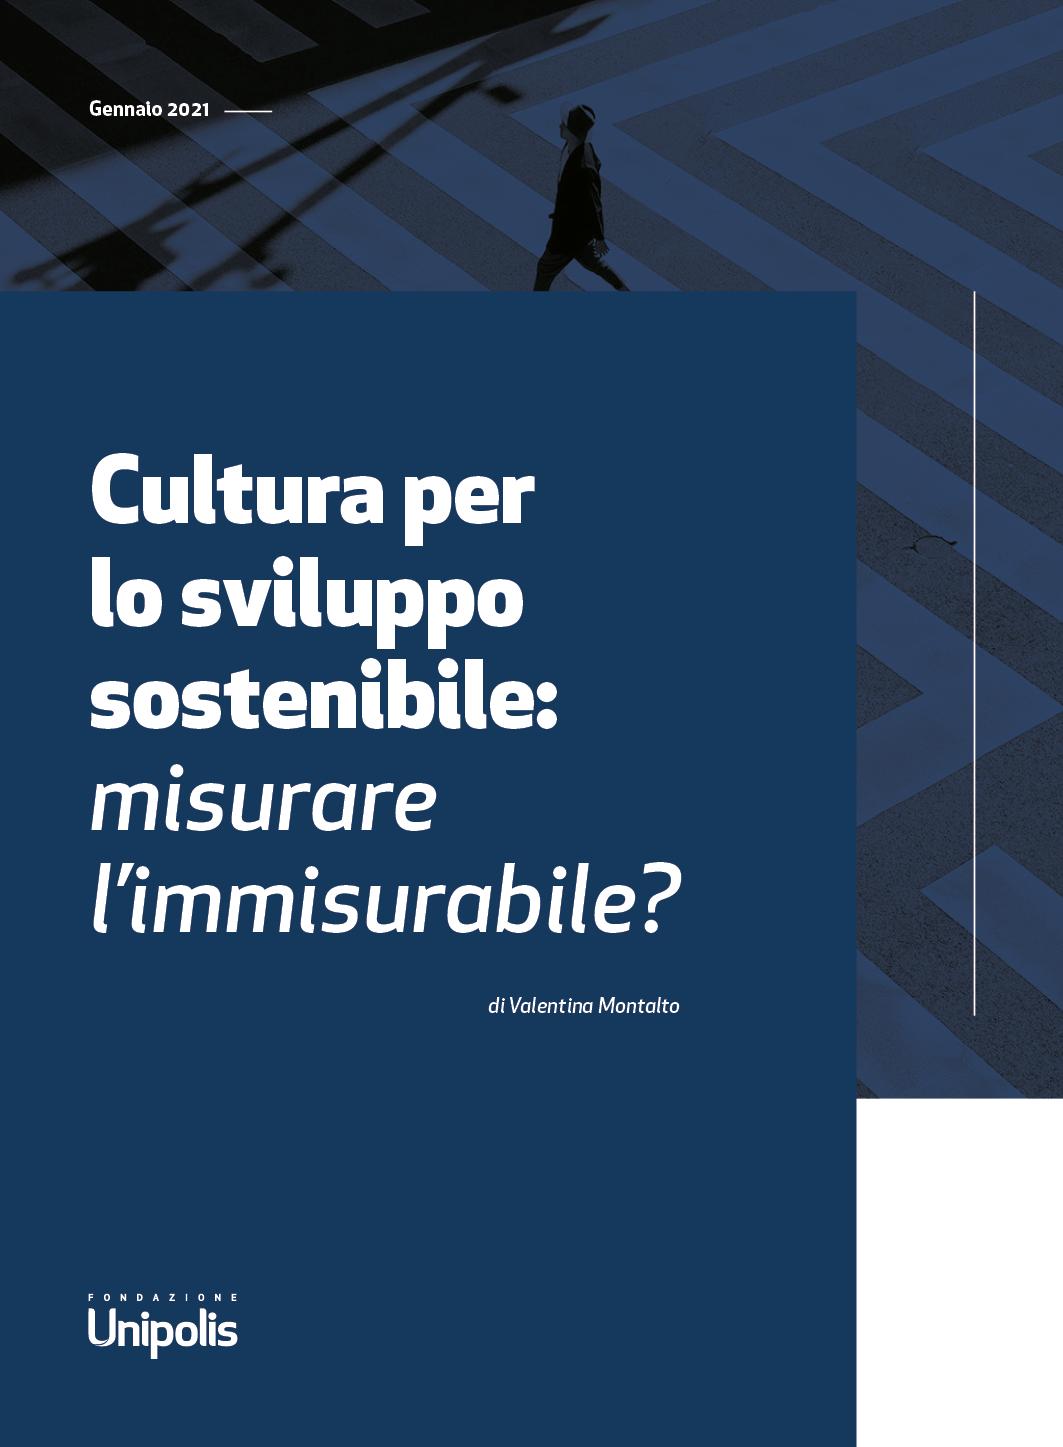 Unipolis_Cultura SDGs UNESCO_150dpi.png